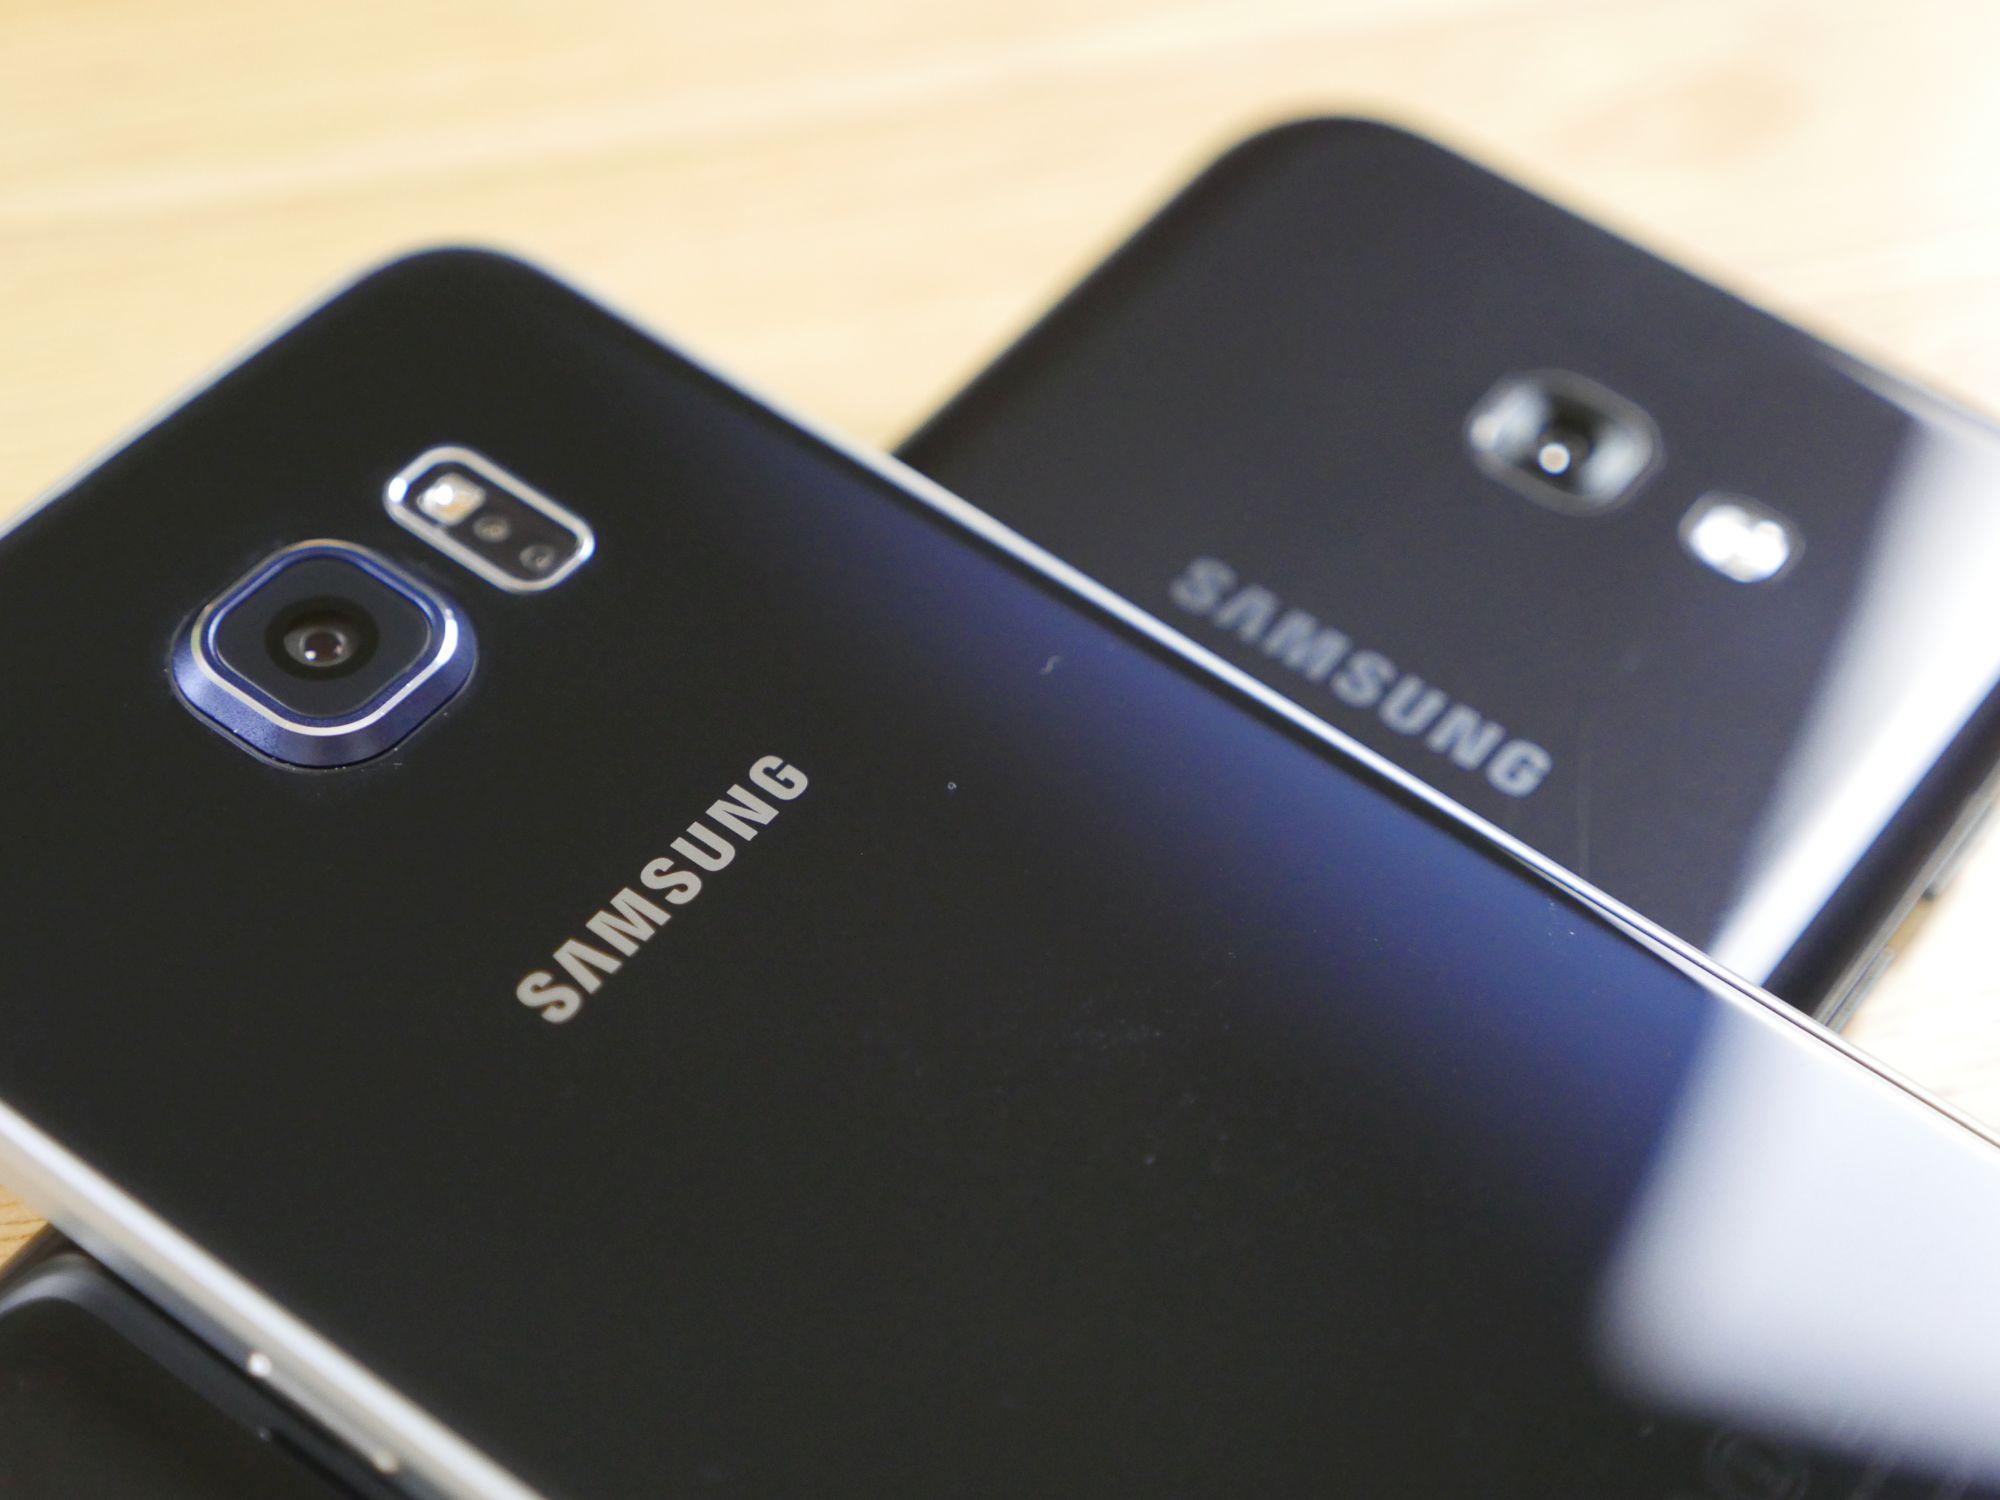 Pamiętacie asystenta S Voice od Samsunga? 1 czerwca odejdzie na wieczną emeryturę 21